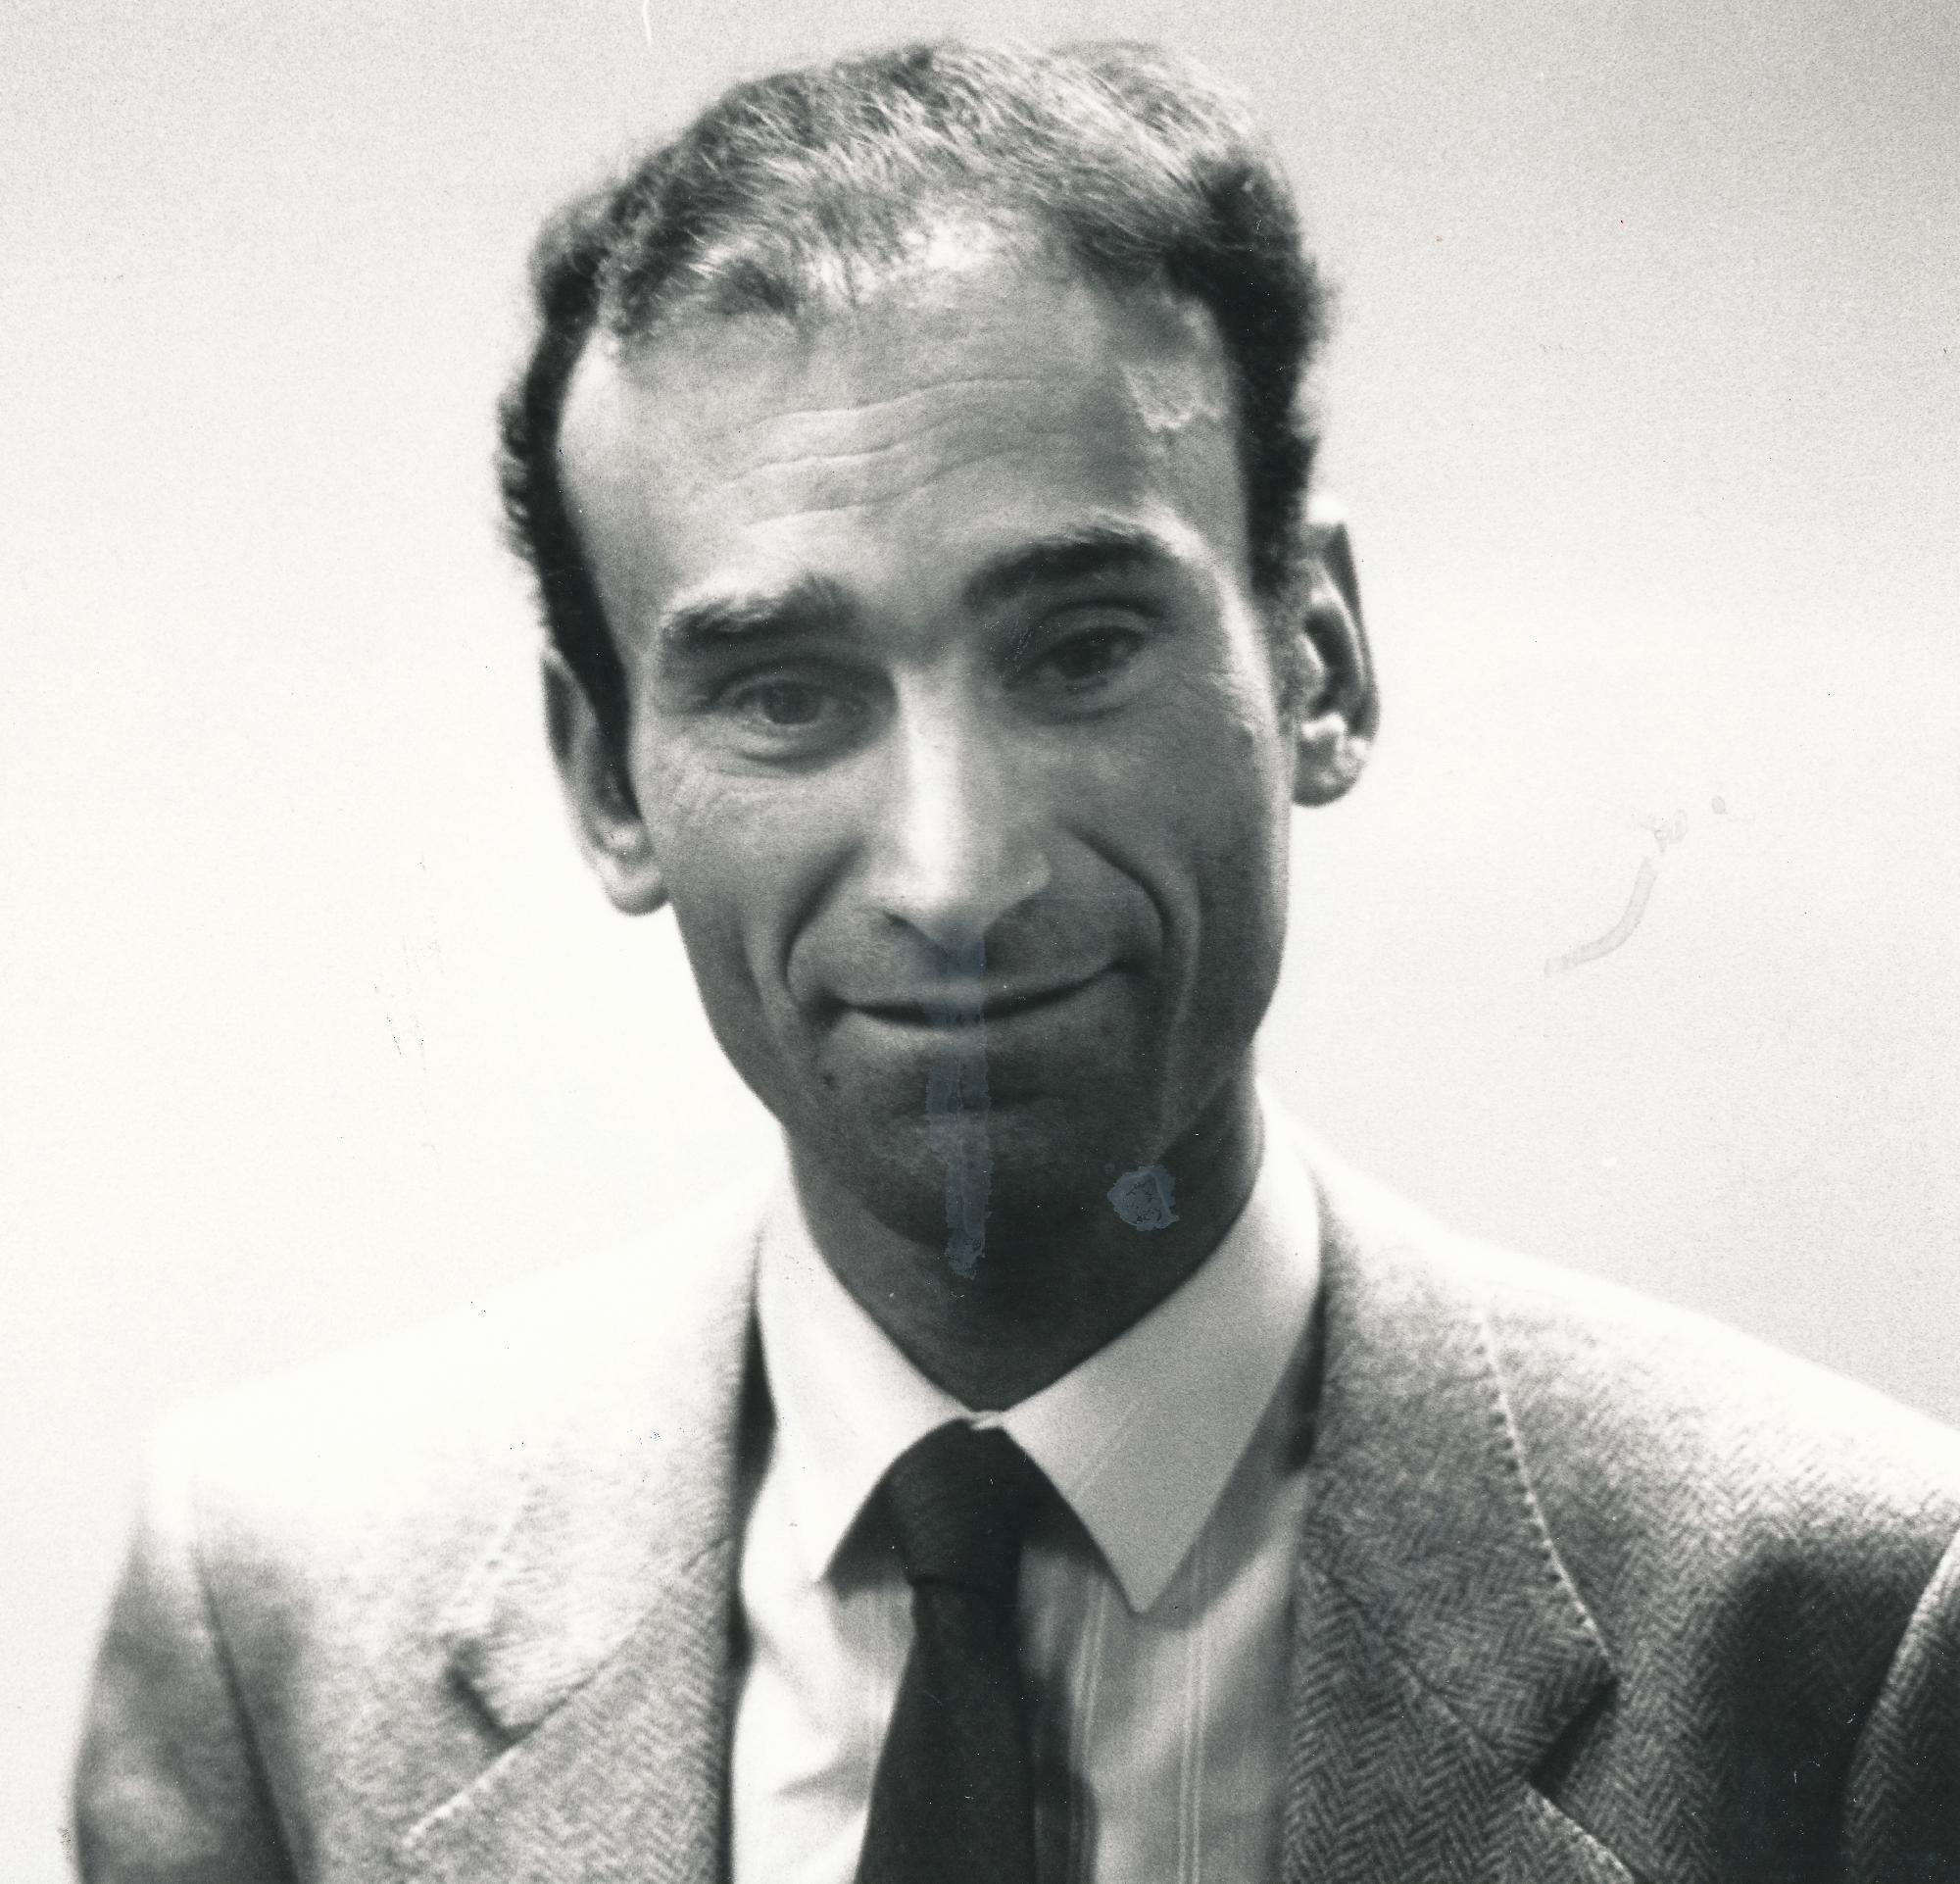 Michael Stean